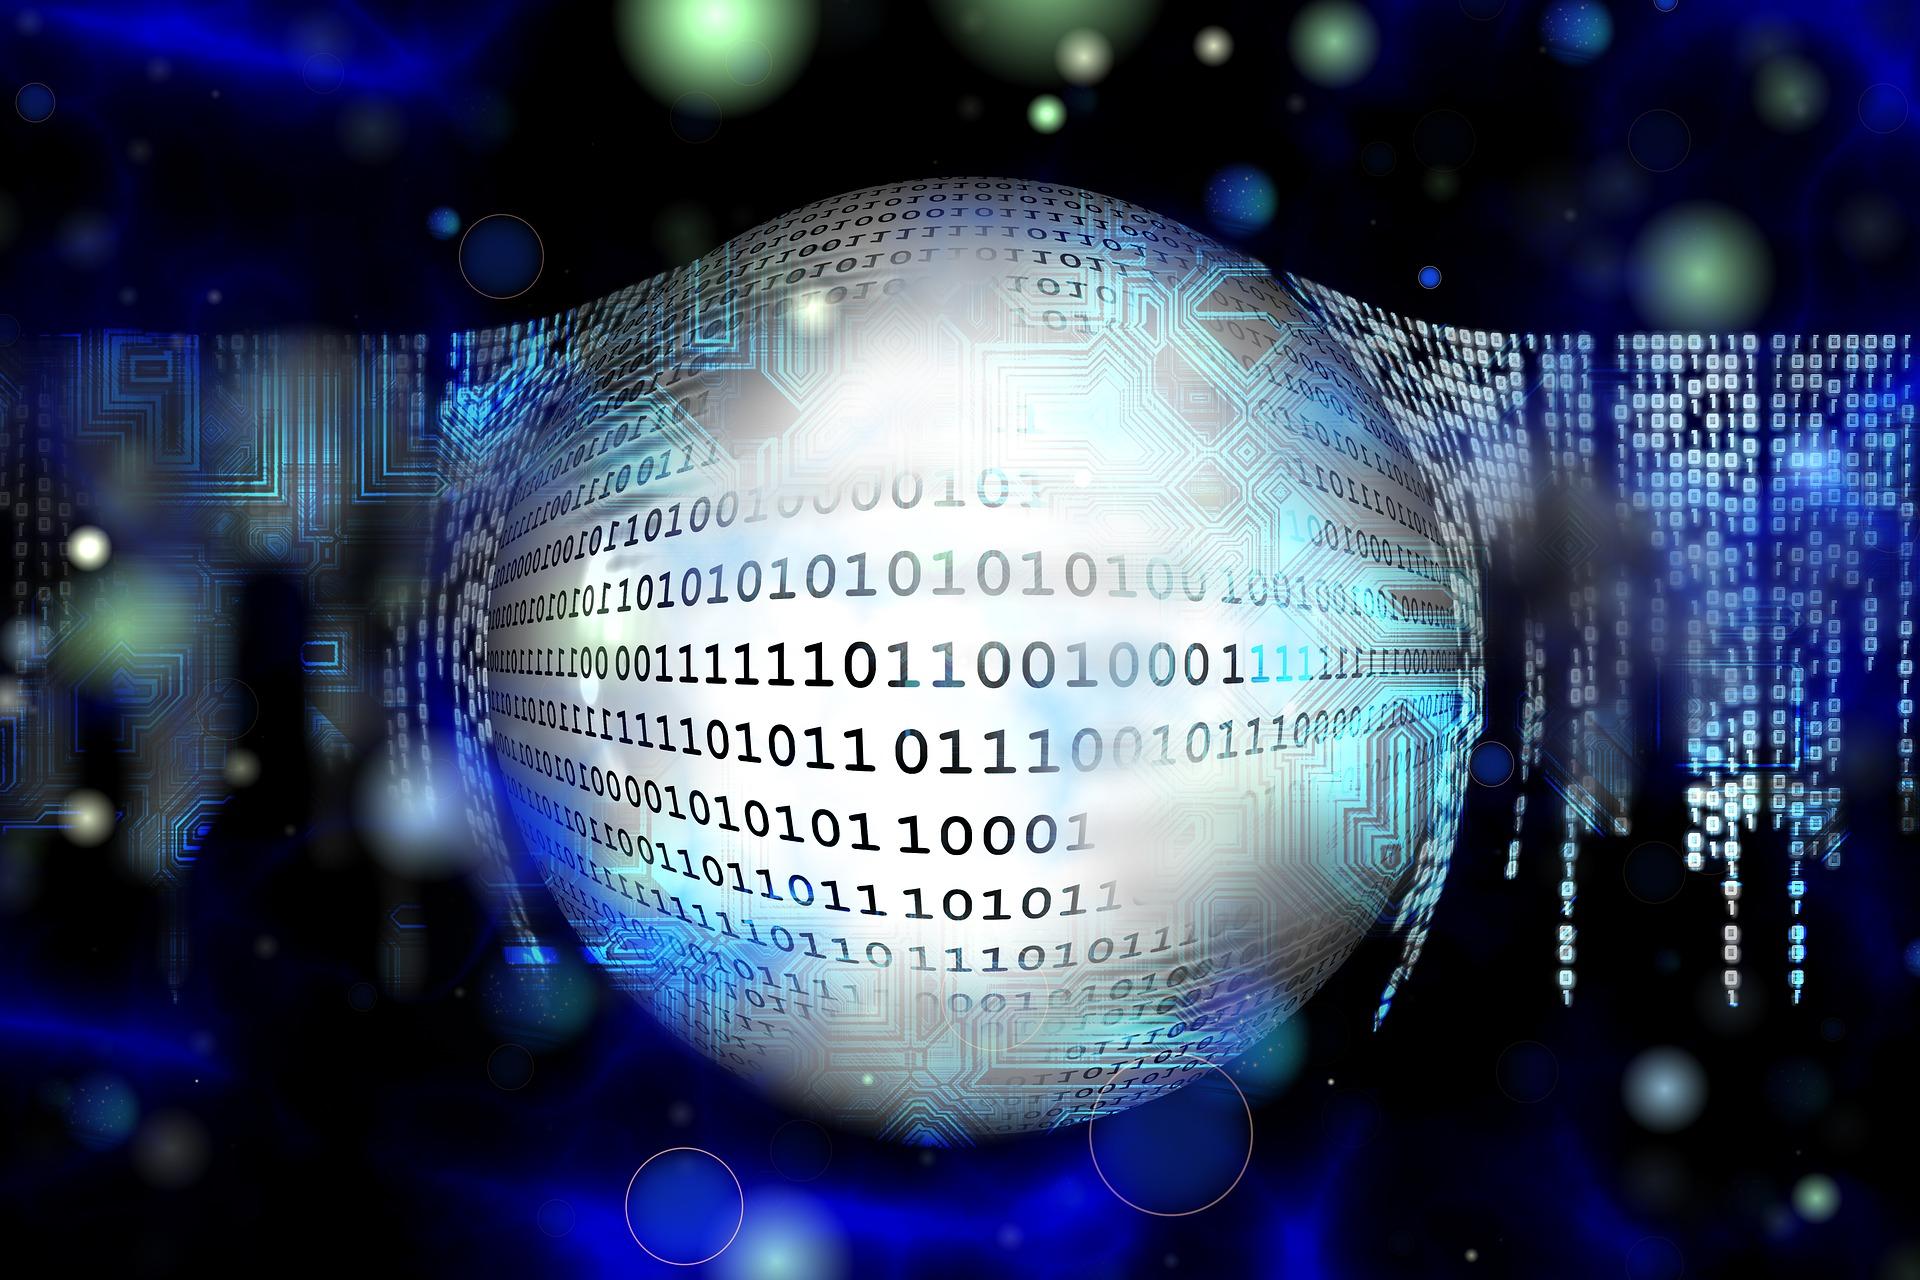 Die Mathematik als Grundlage der Kryptographie